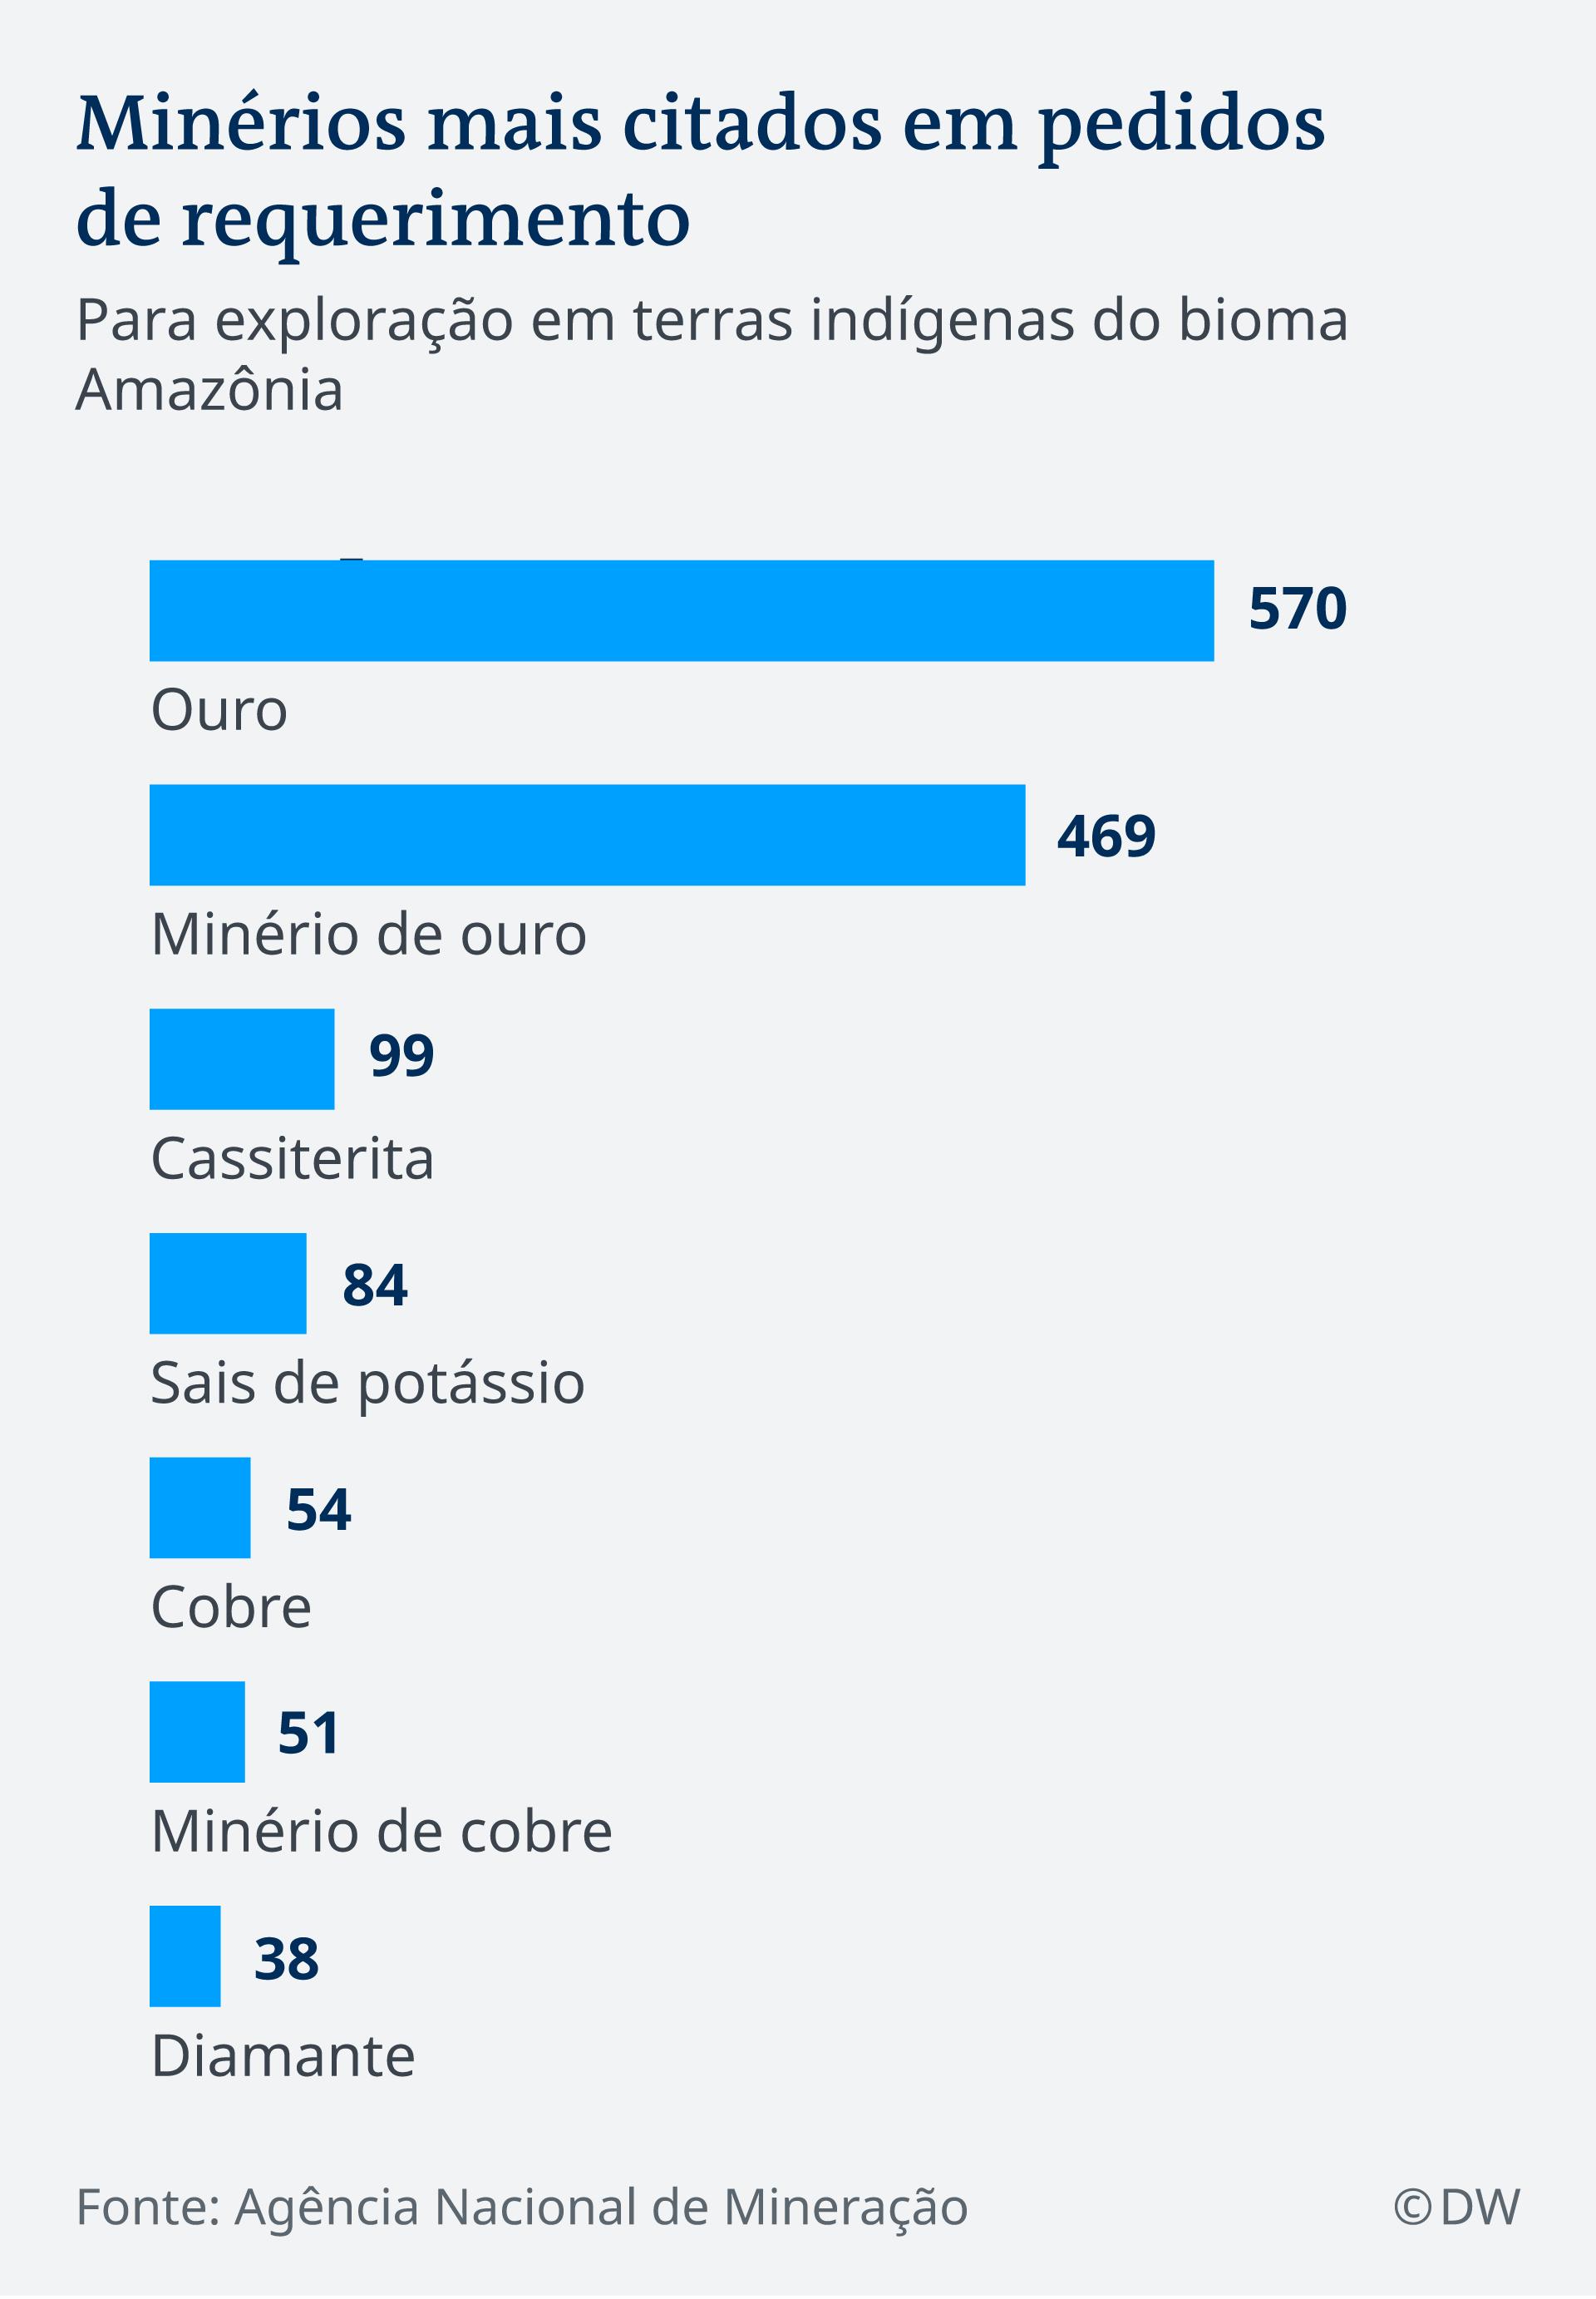 Infografik Art der häufigsten Bodenschätze im Amazonasgebiet Brasiliens PT